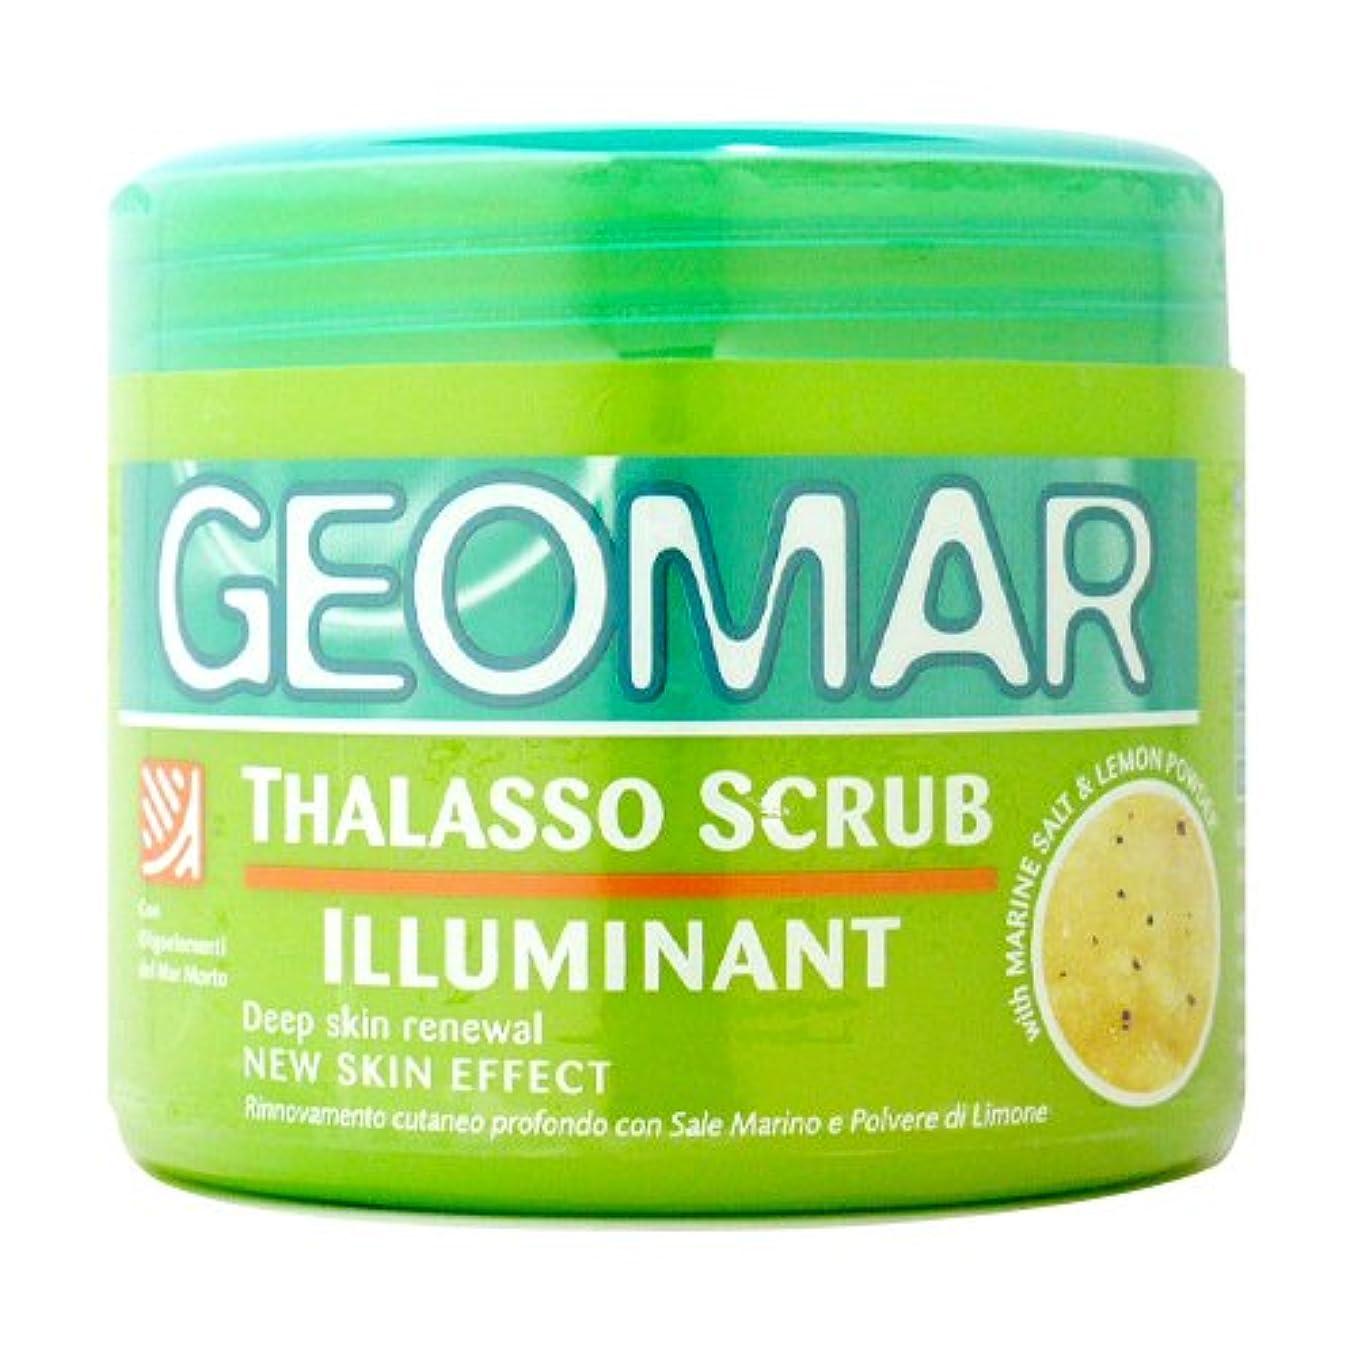 伝統ヘア垂直ジェオマール タラソスクラブ イルミナント (ブライトレモン) 600g